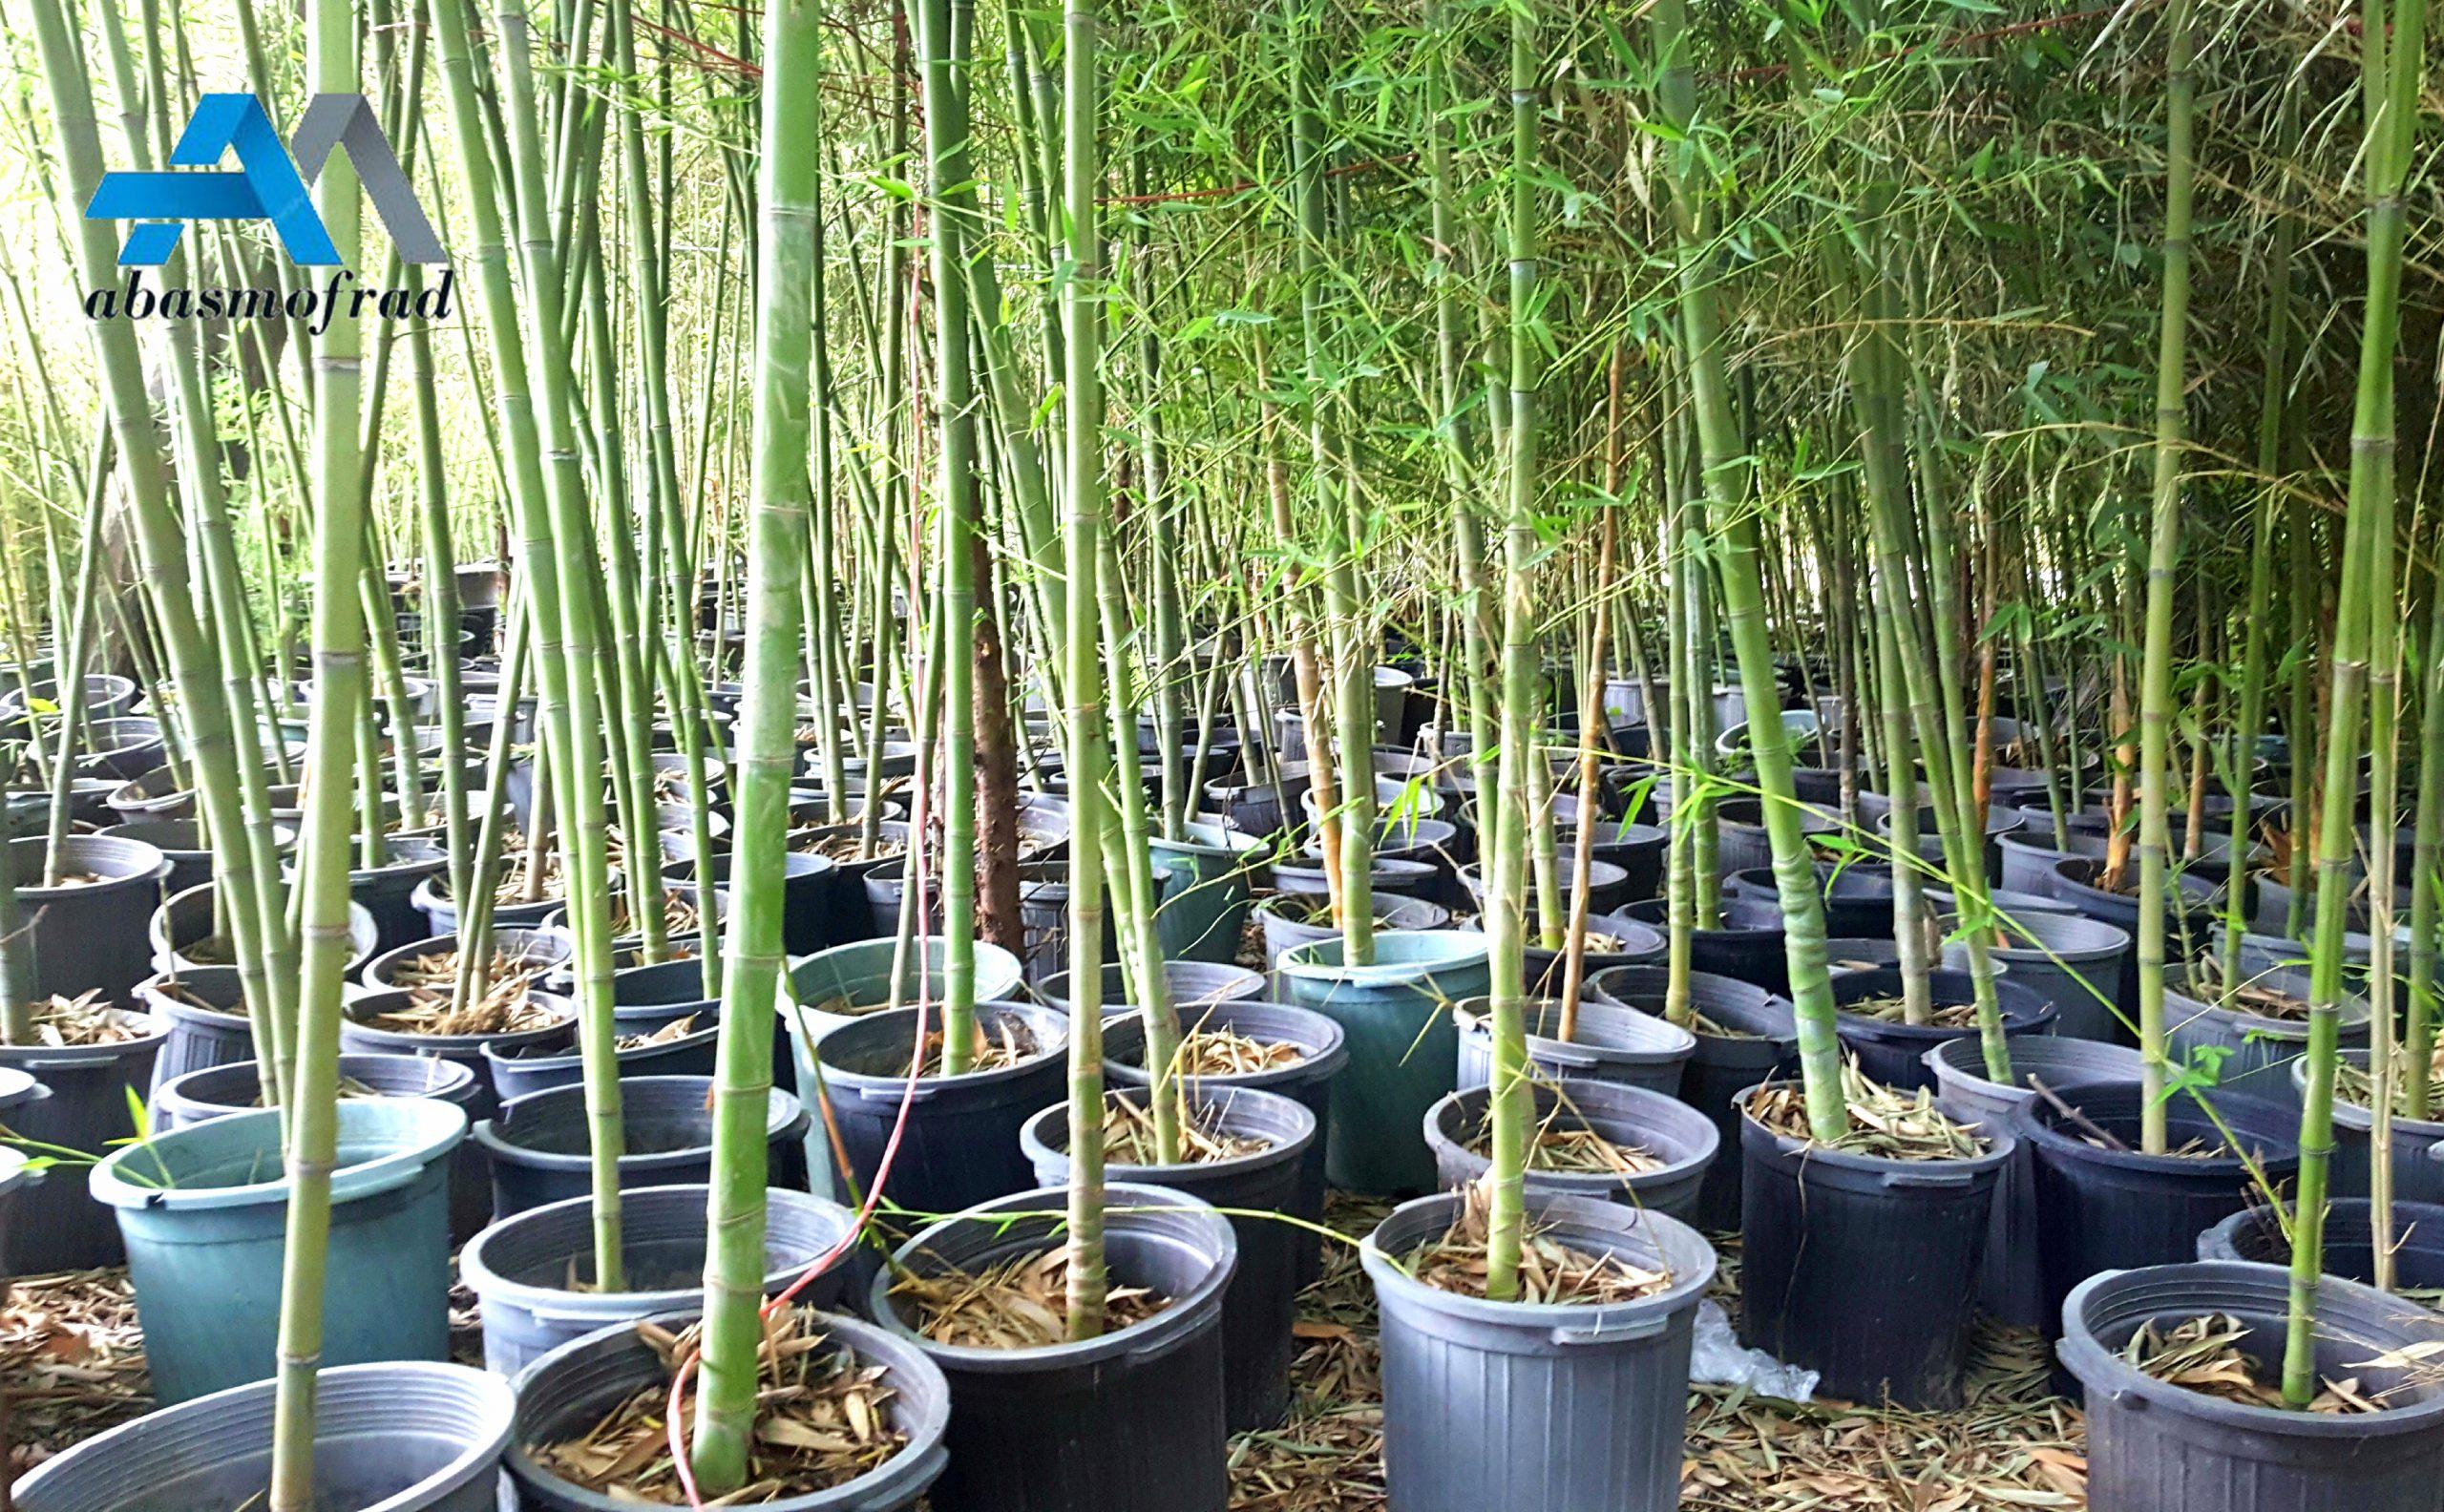 فروش نهال بامبو خیزران